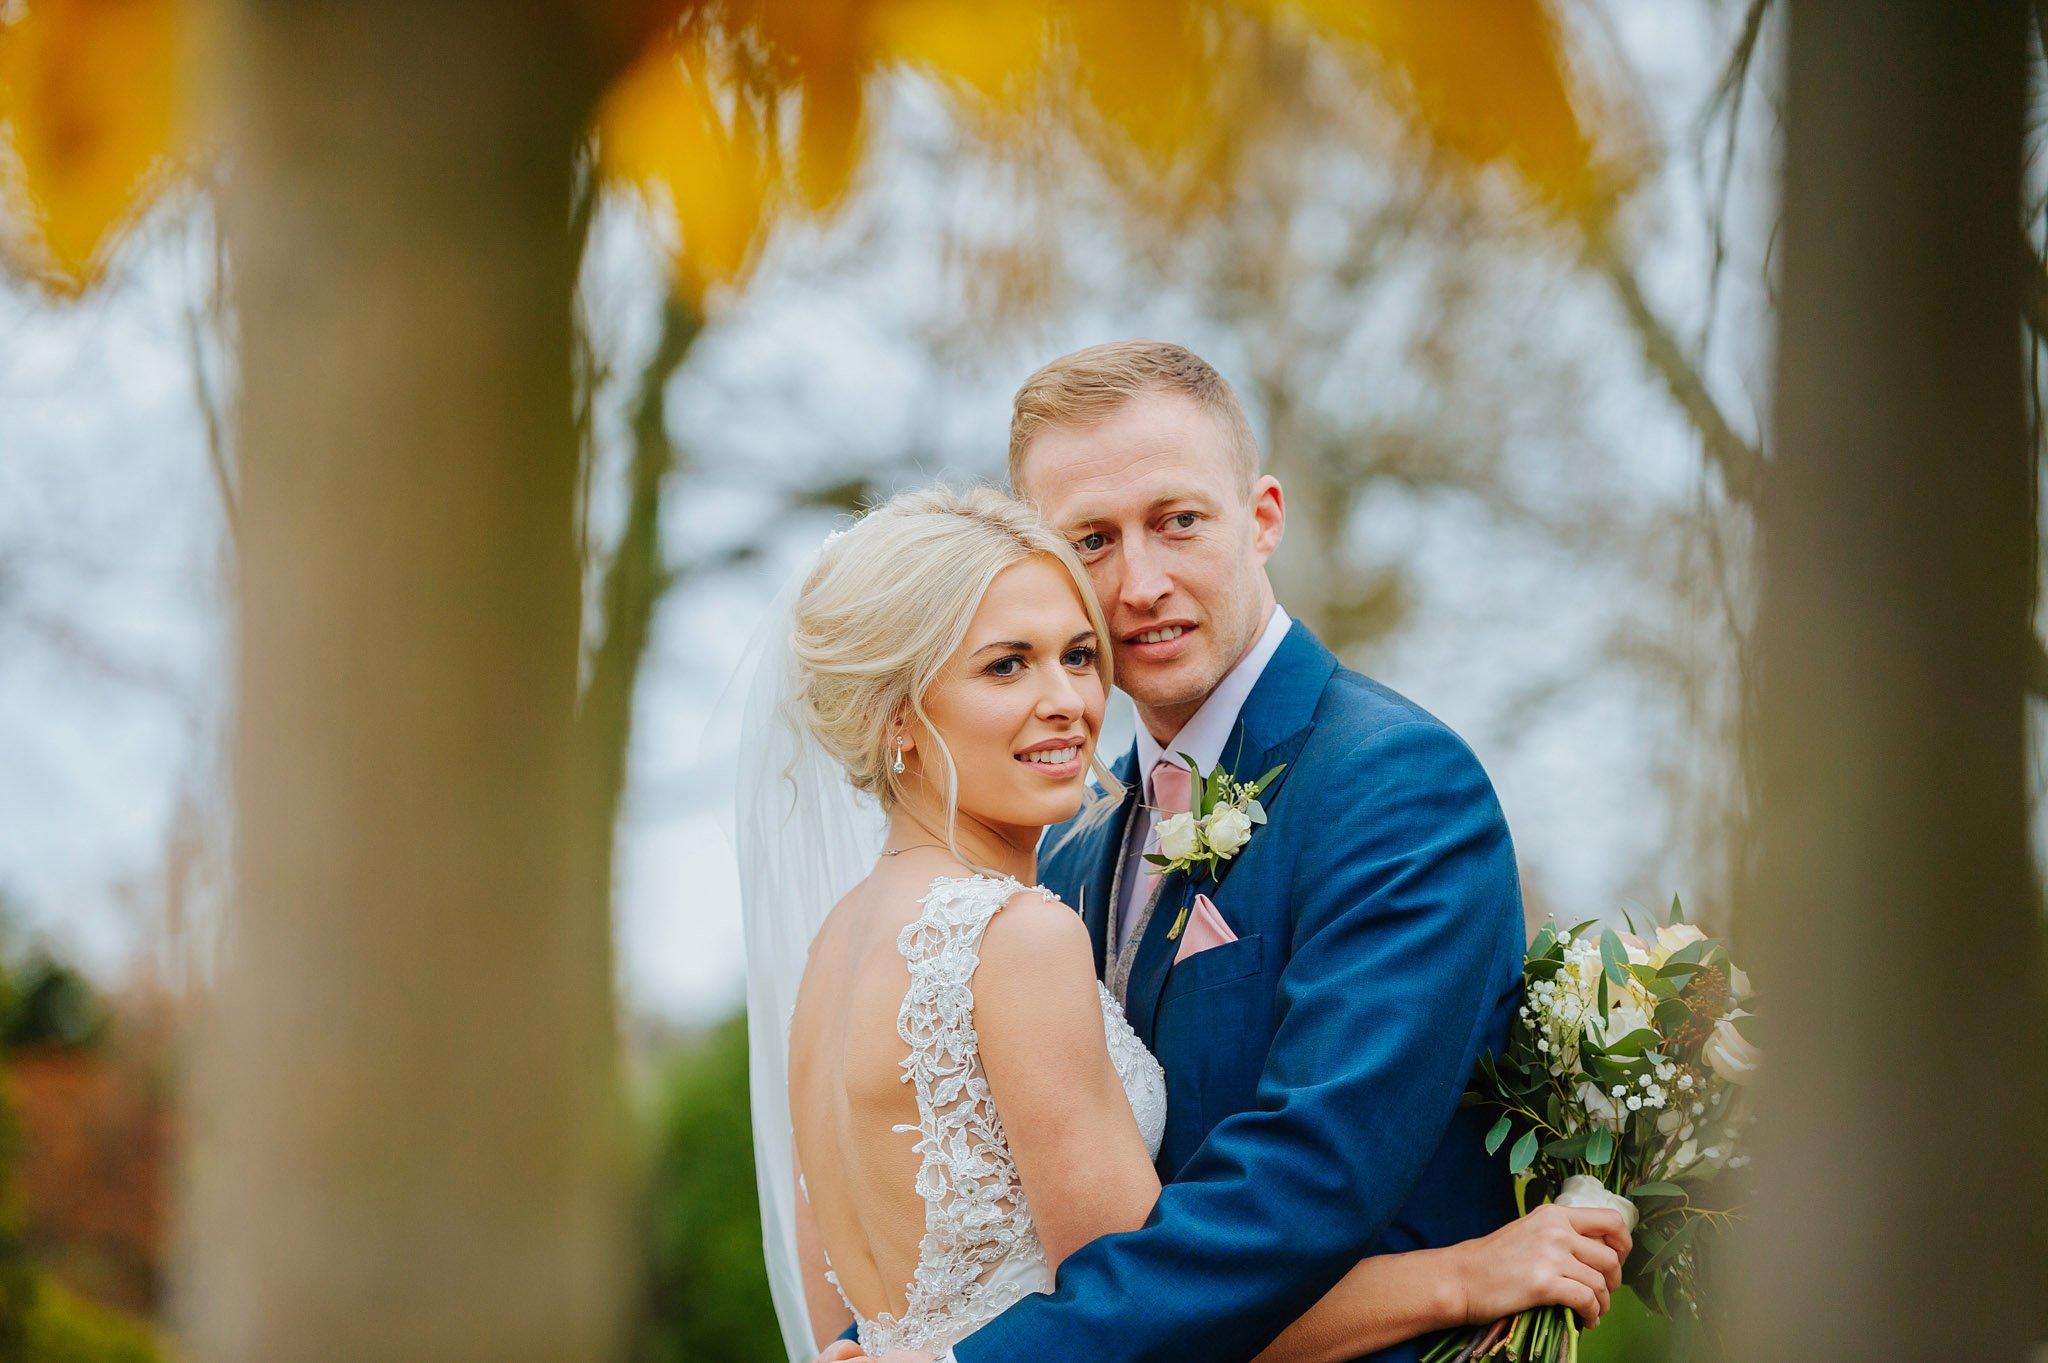 Lemore Manor wedding, Herefordshire - West Midlands | Sadie + Ken 79